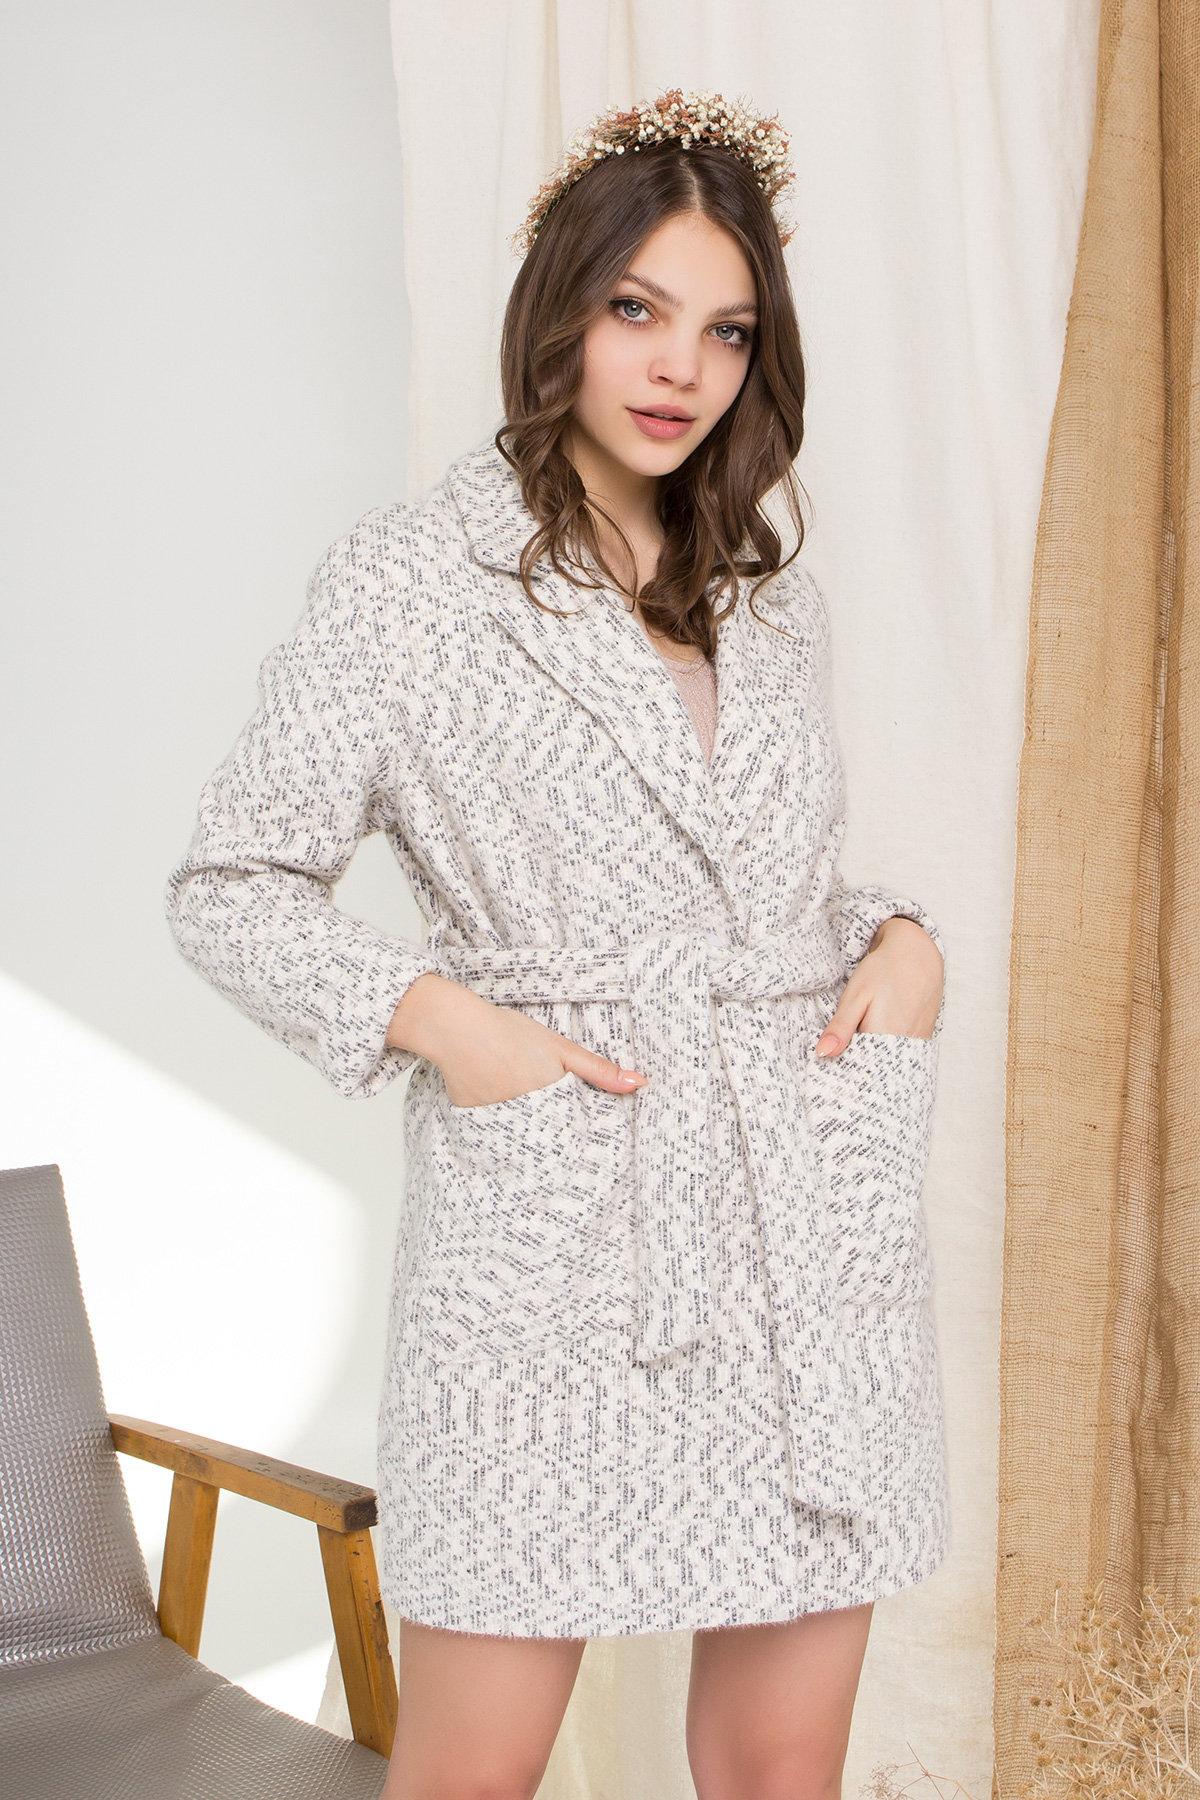 Пальто Живанши 9000 АРТ. 45308 Цвет: Рябь Беж/молоко/серый - фото 4, интернет магазин tm-modus.ru